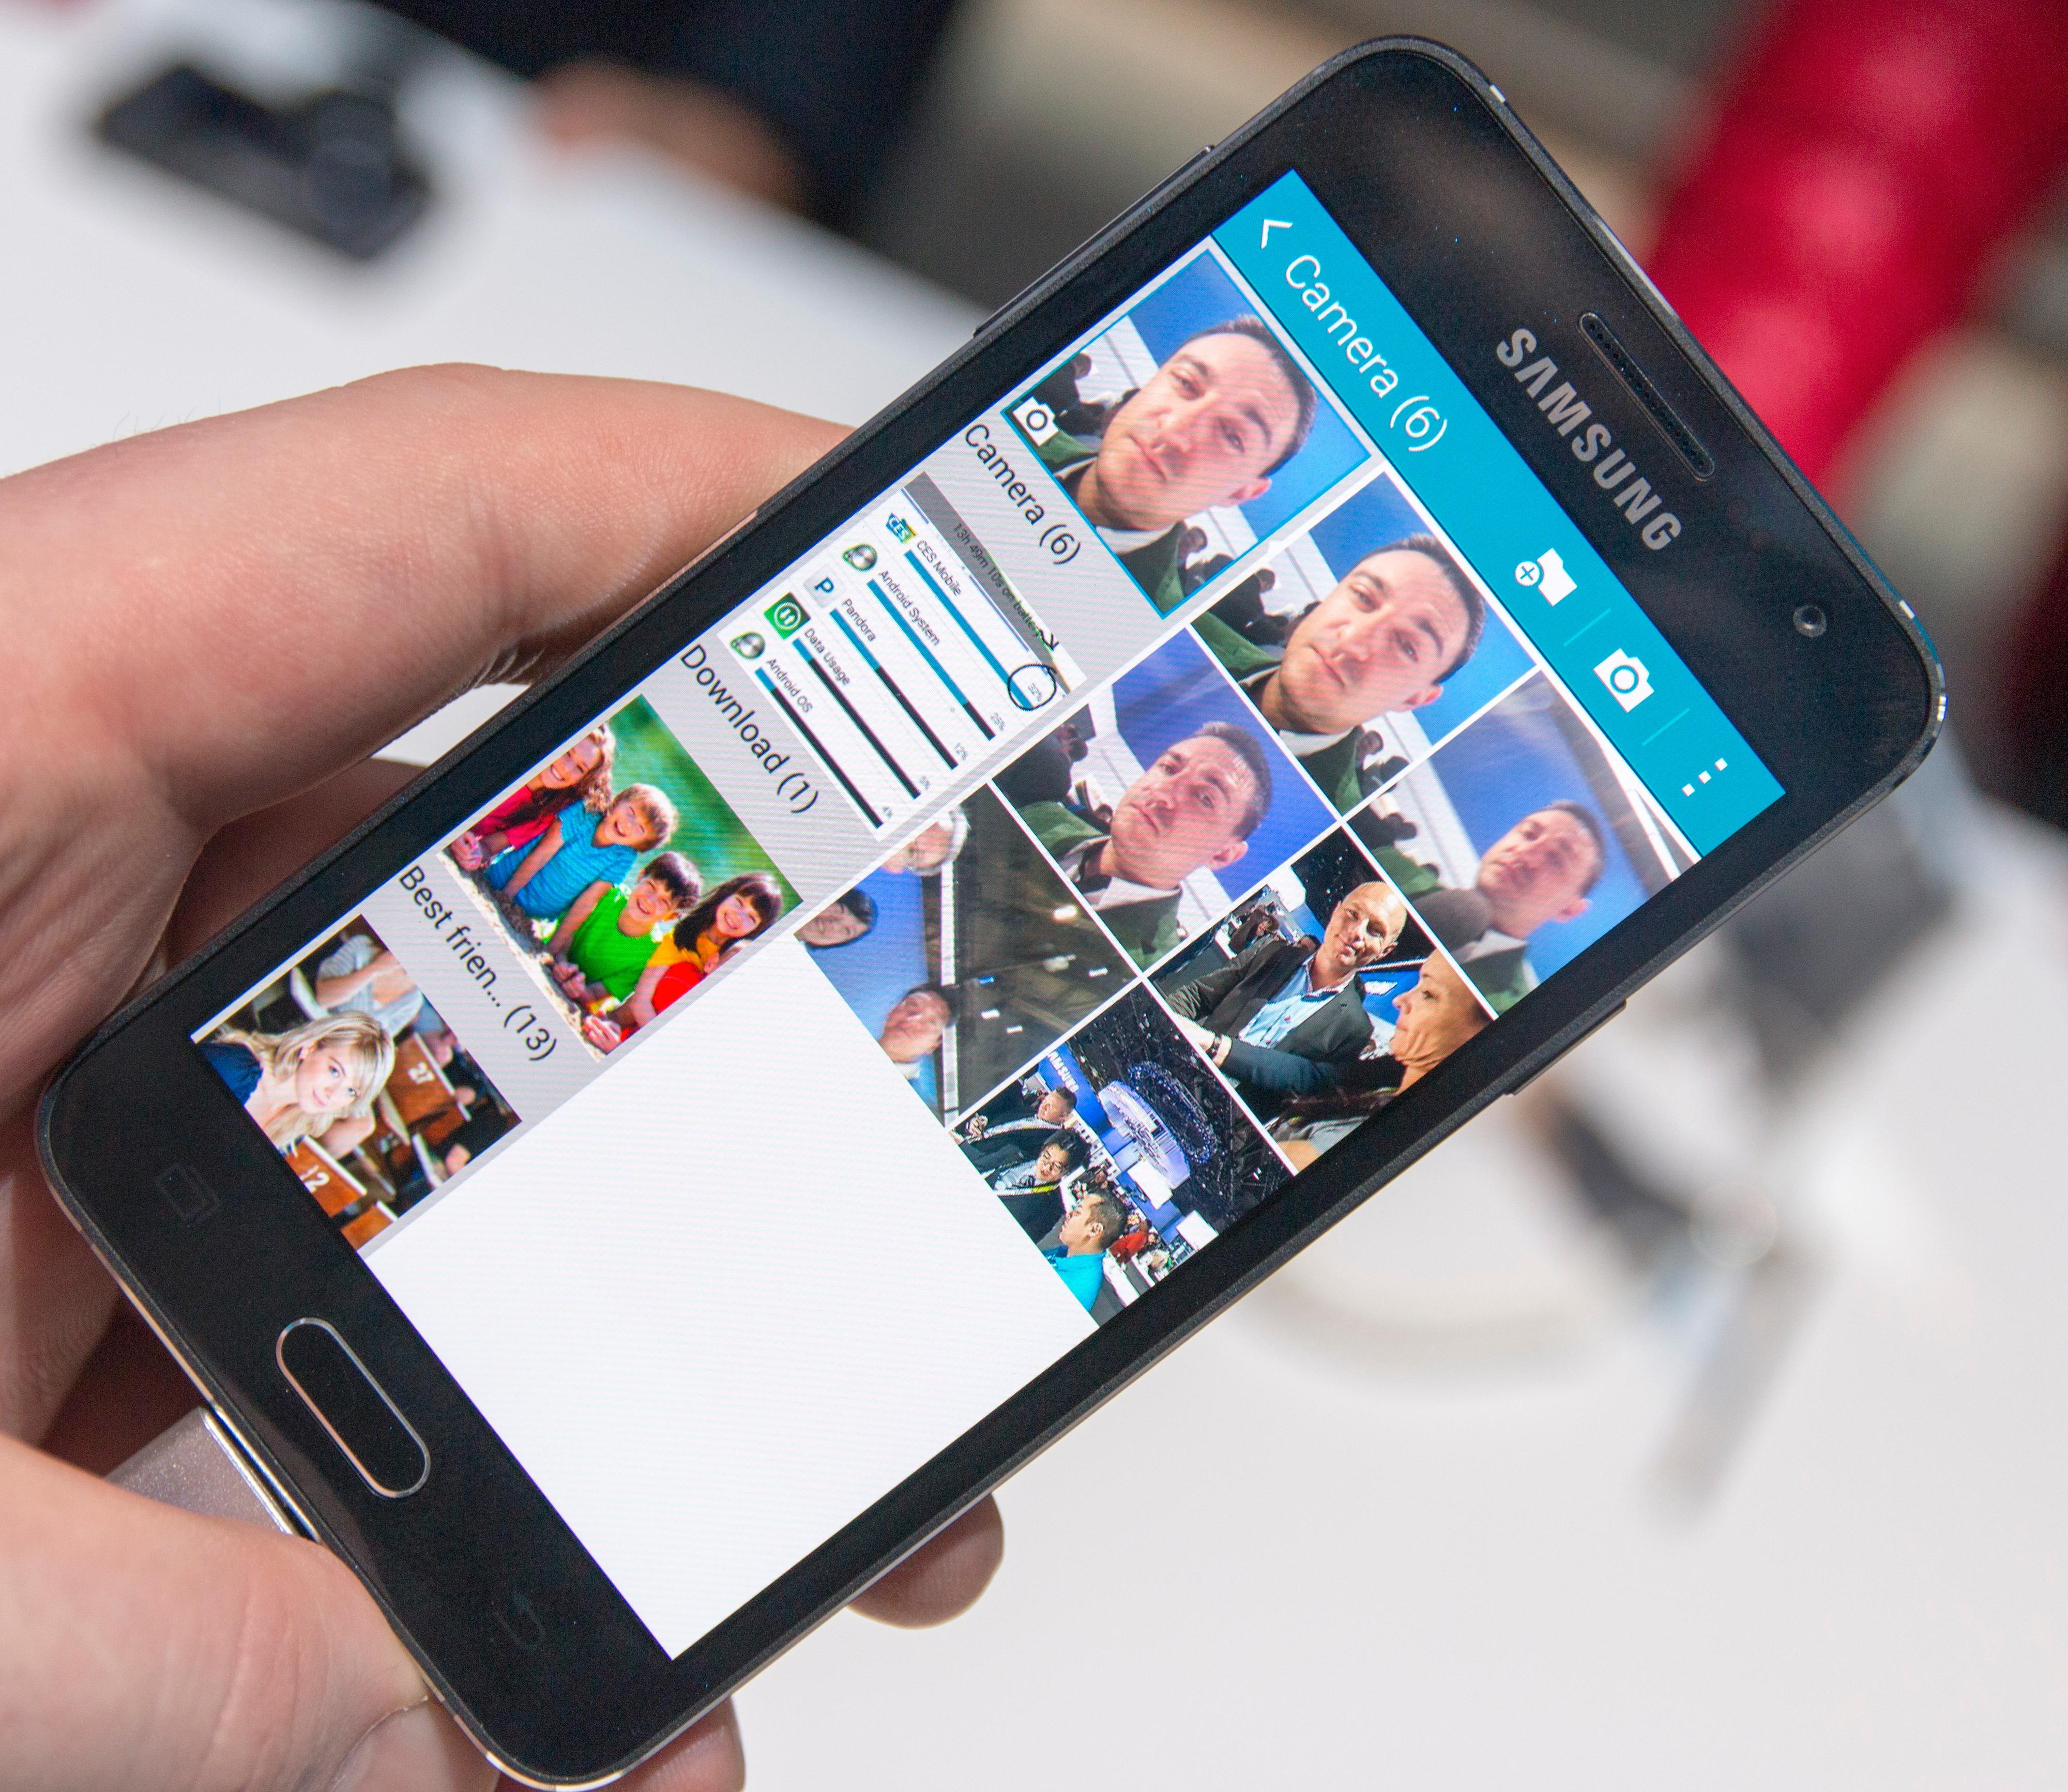 Fotogalleriet har ofte vært ett av stedene tregheter har dukket opp i Samsung-telefoner. Da vi startet appen på Galaxy A3 gikk det hele fort og greit. Foto: Finn Jarle Kvalheim, Tek.no